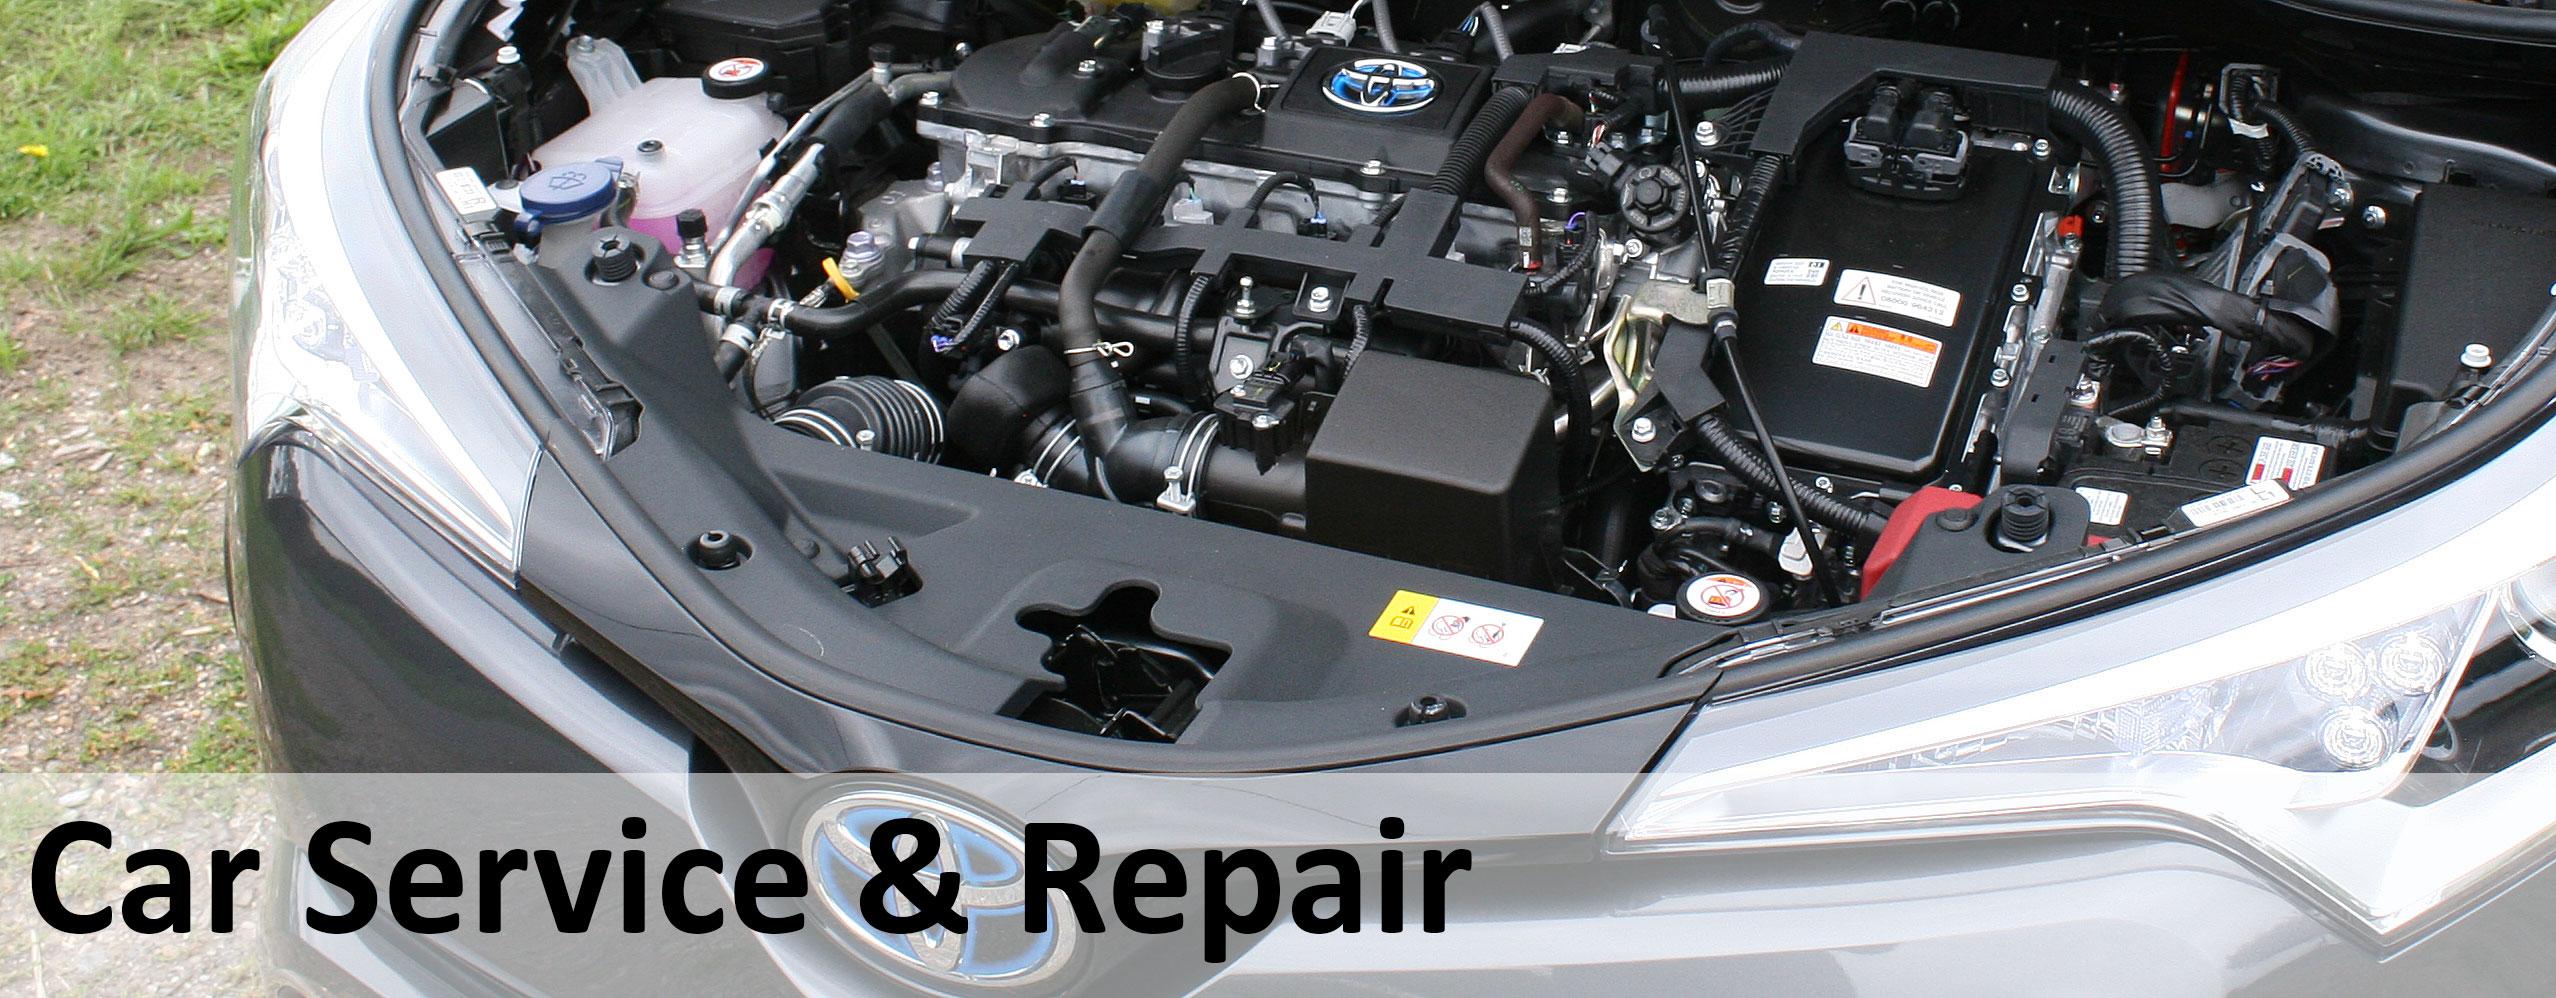 Car Service & Repair